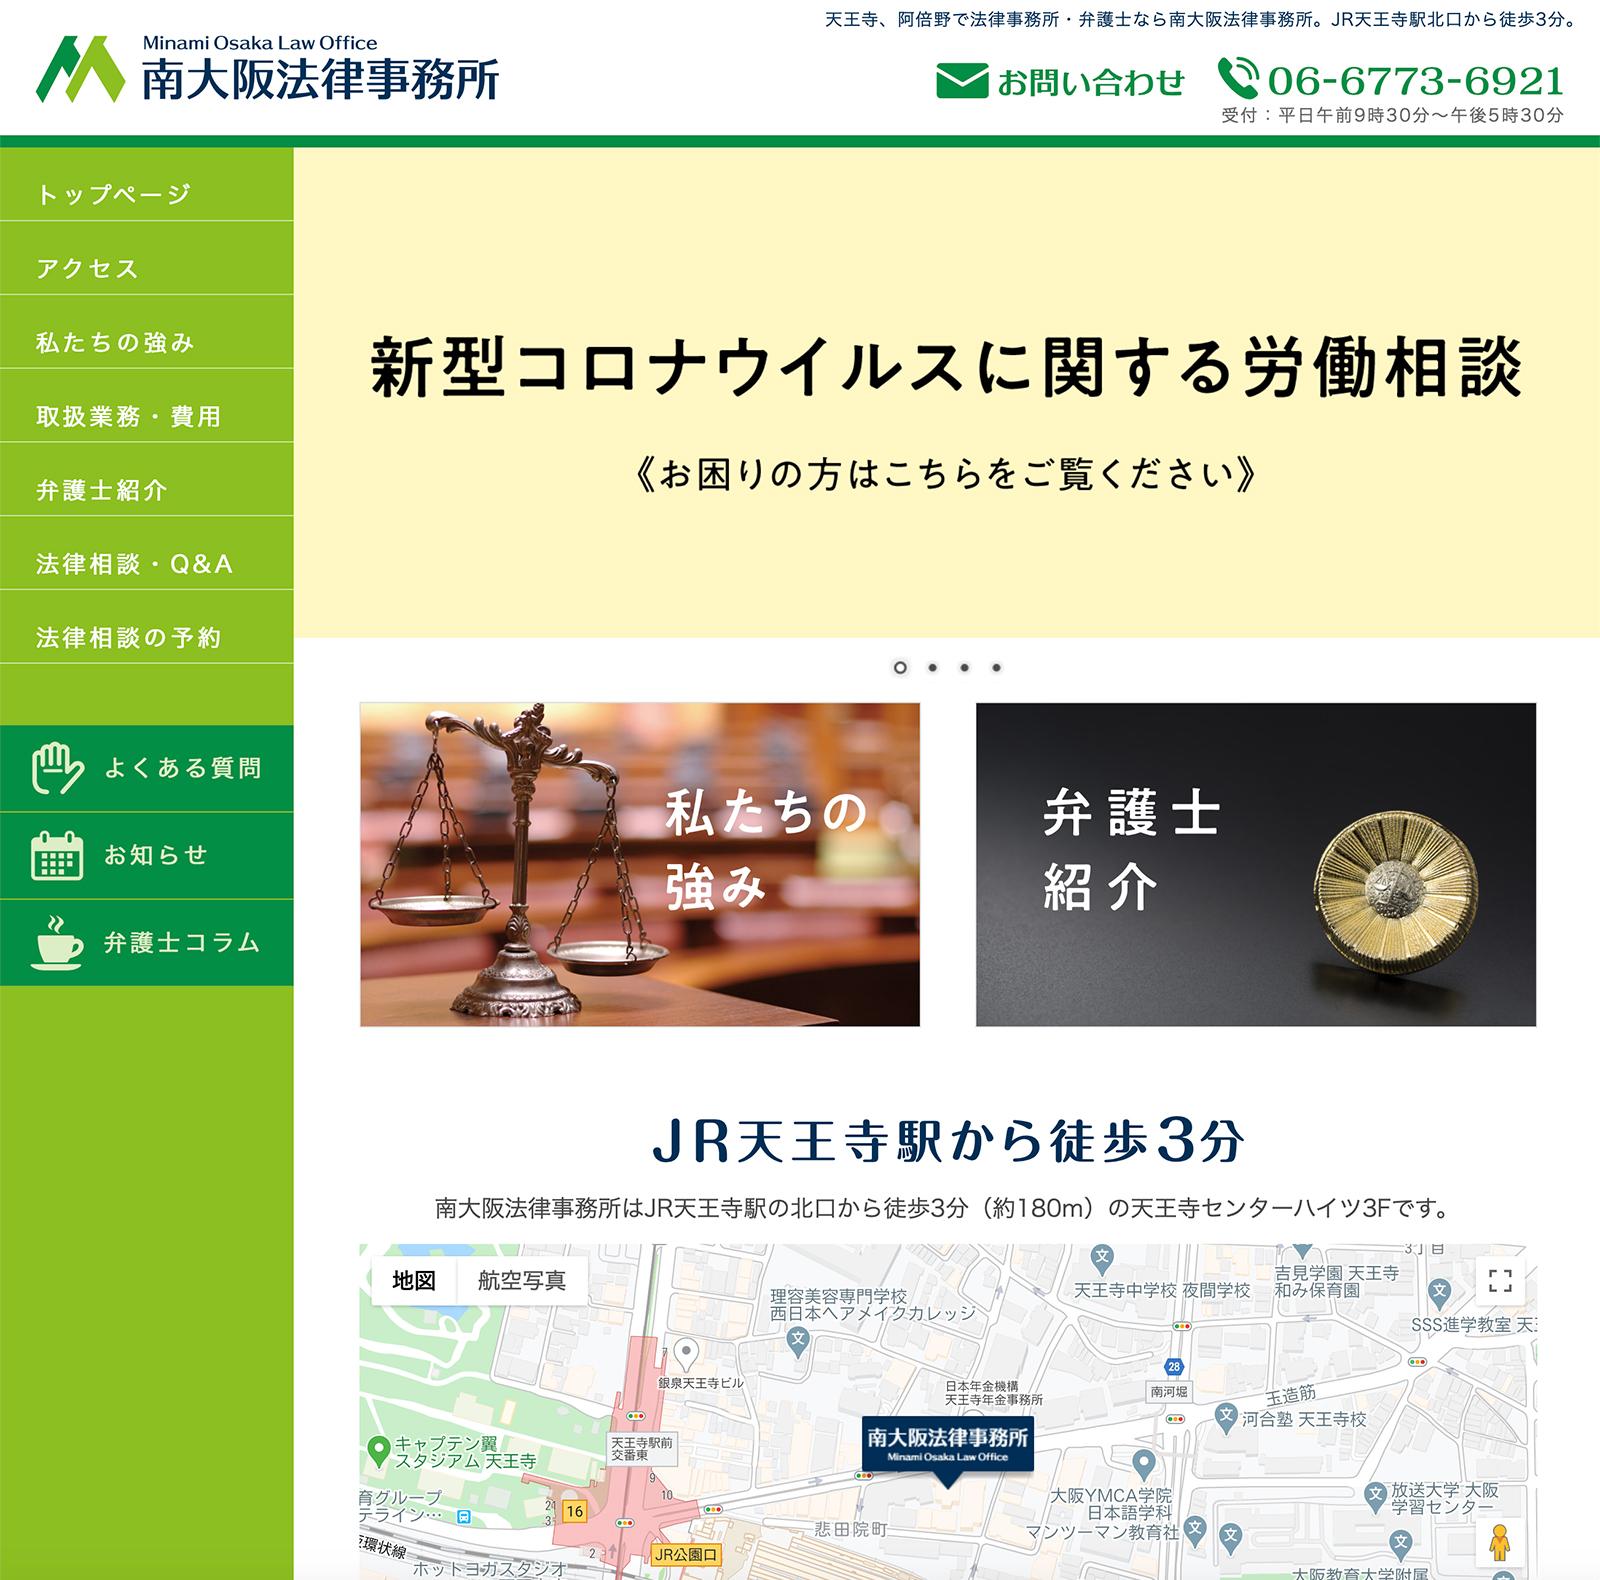 新型コロナウイルスに関する労働相談-南大阪法律事務所